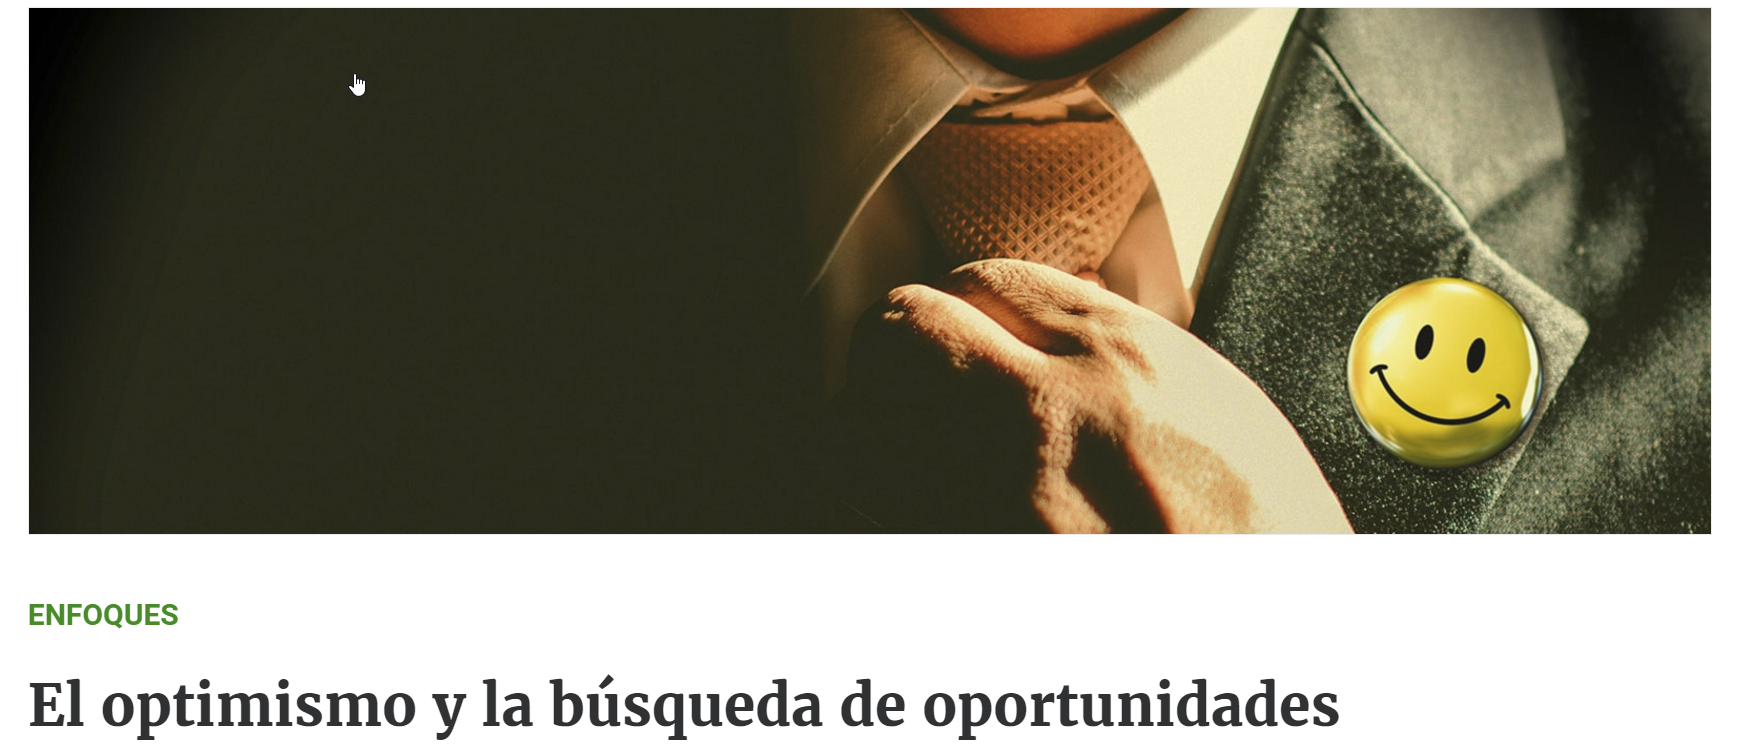 El optimismo y la búsqueda de oportunidades